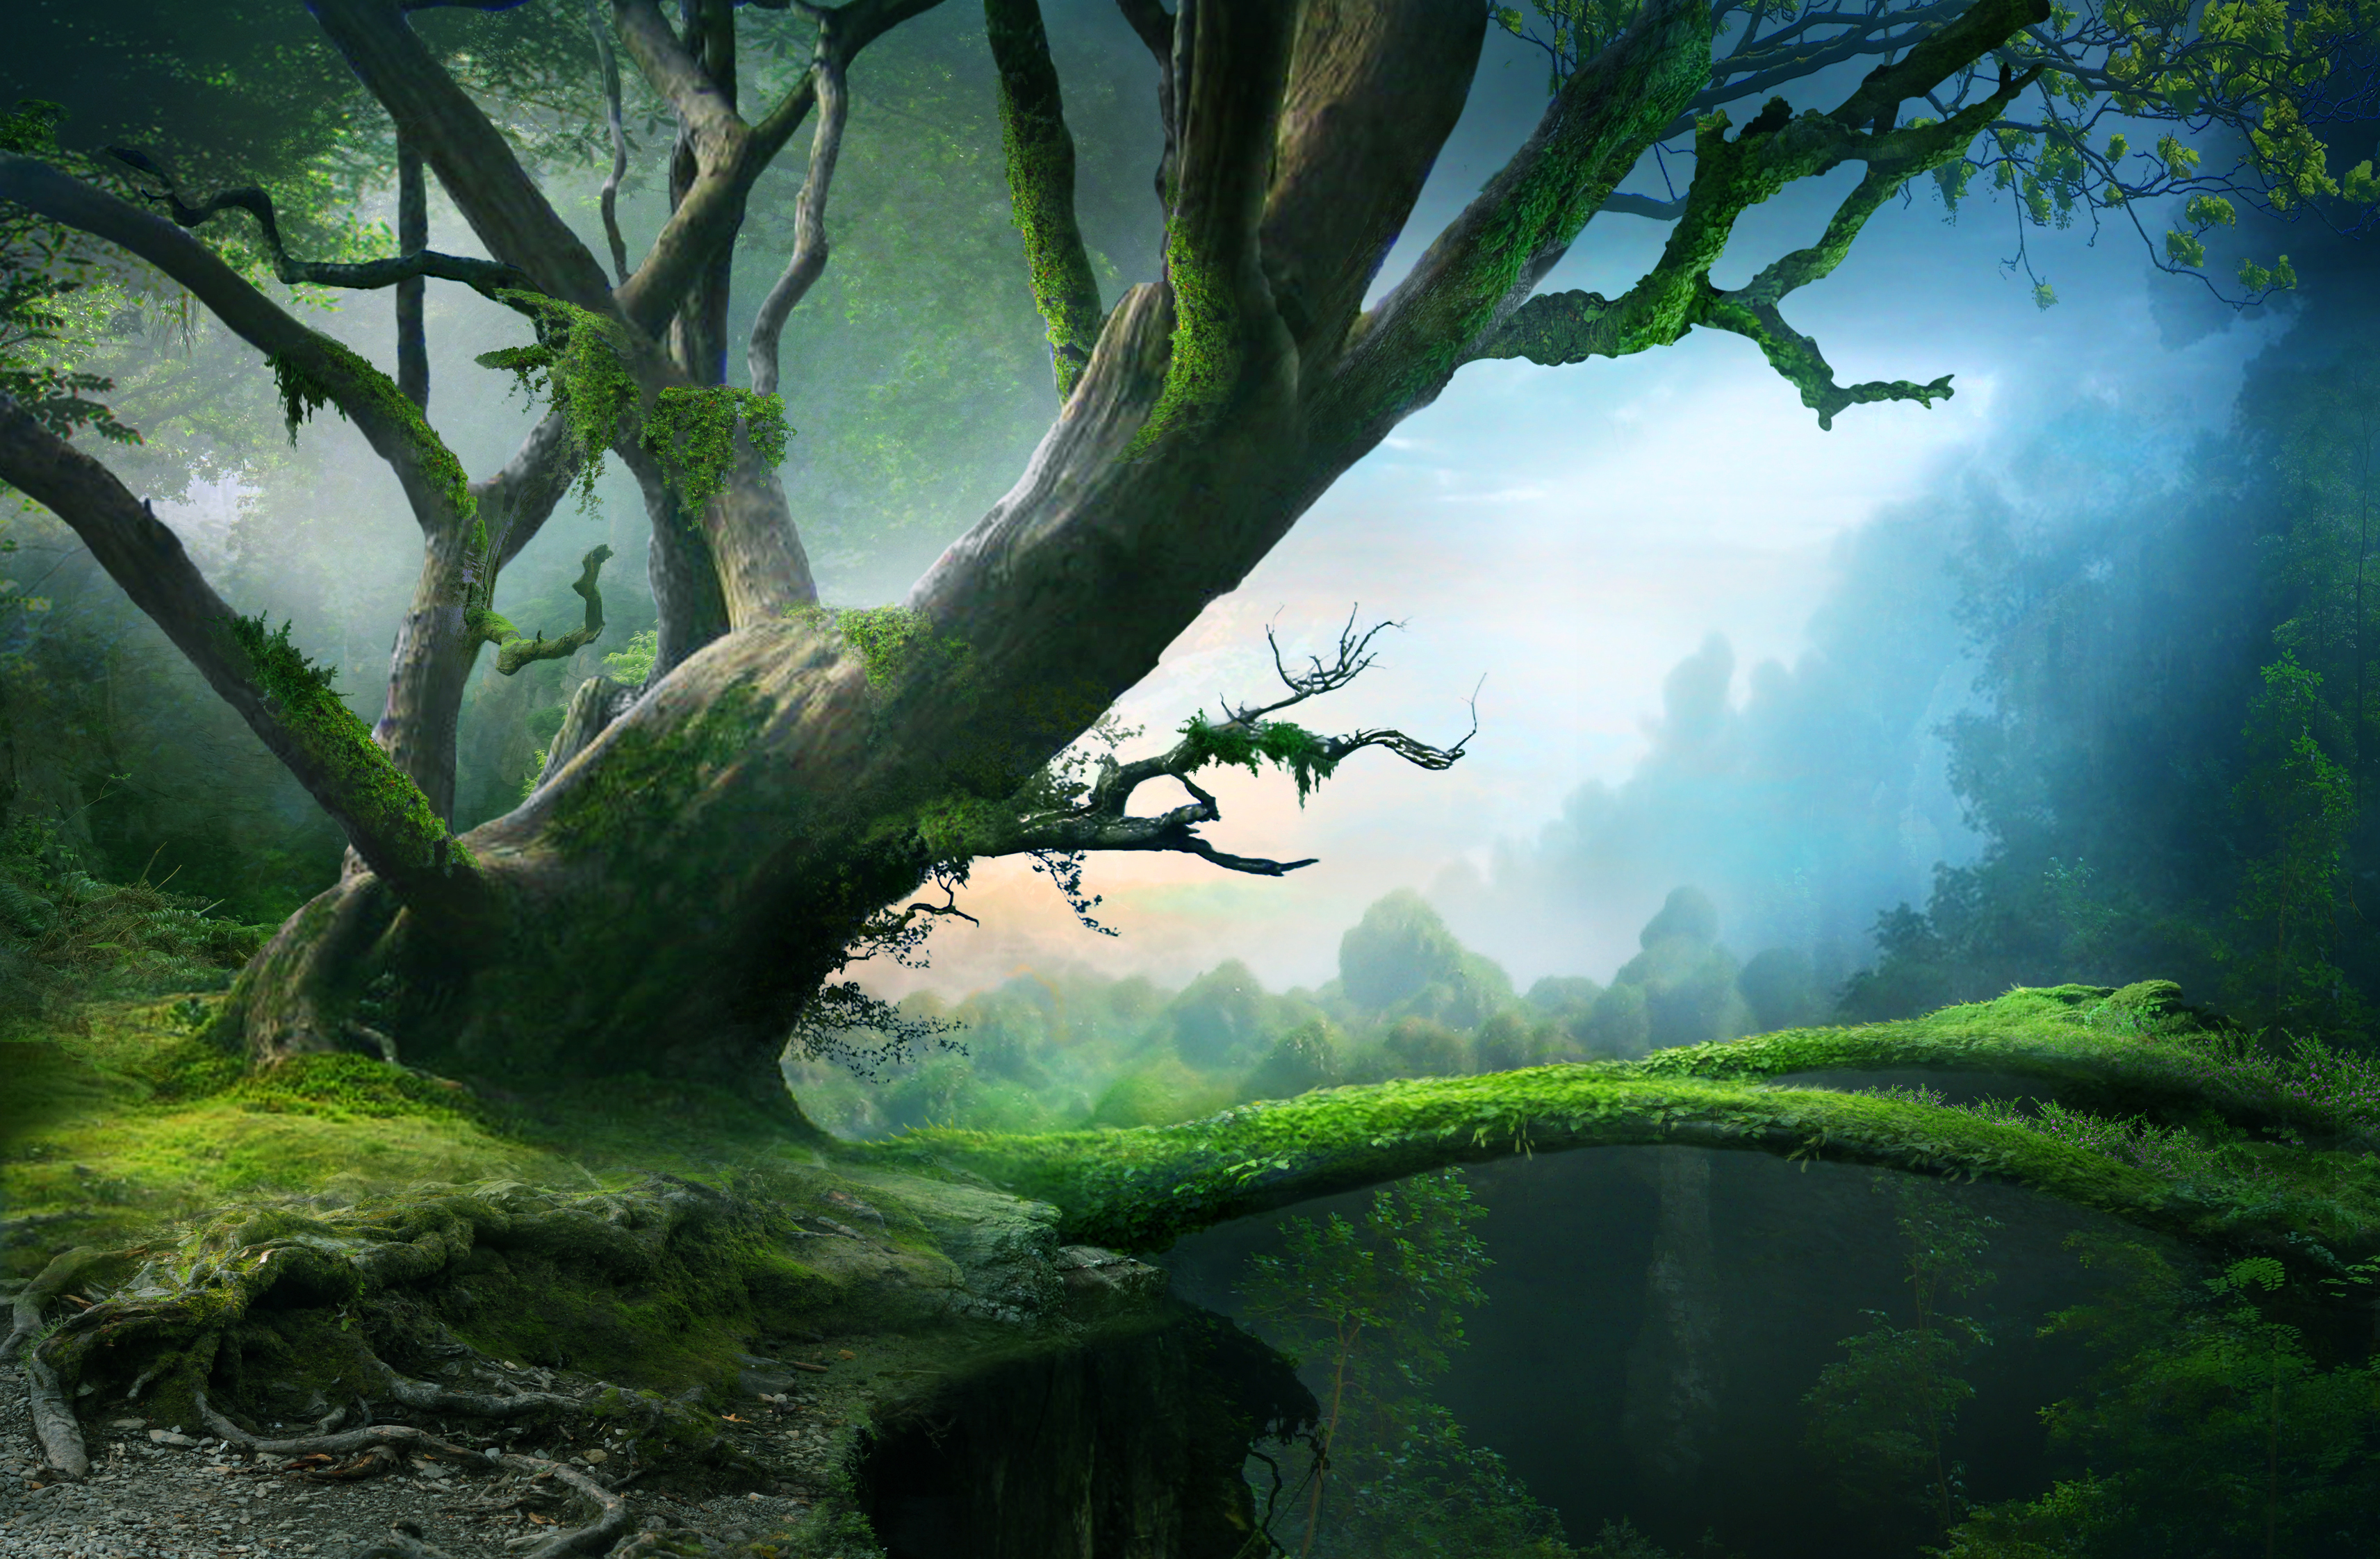 美丽的森林树桥风景壁纸_彼岸图网.jpg